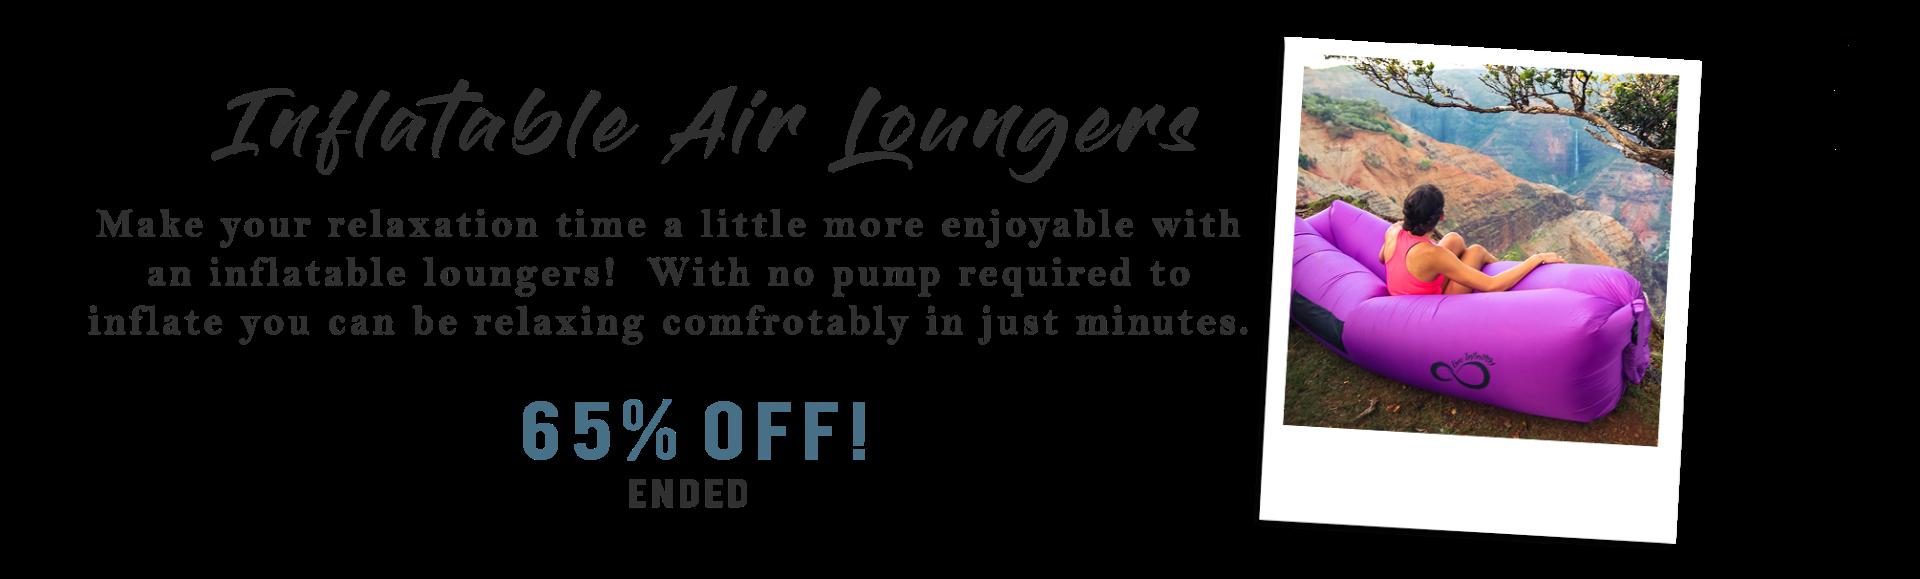 air loungers